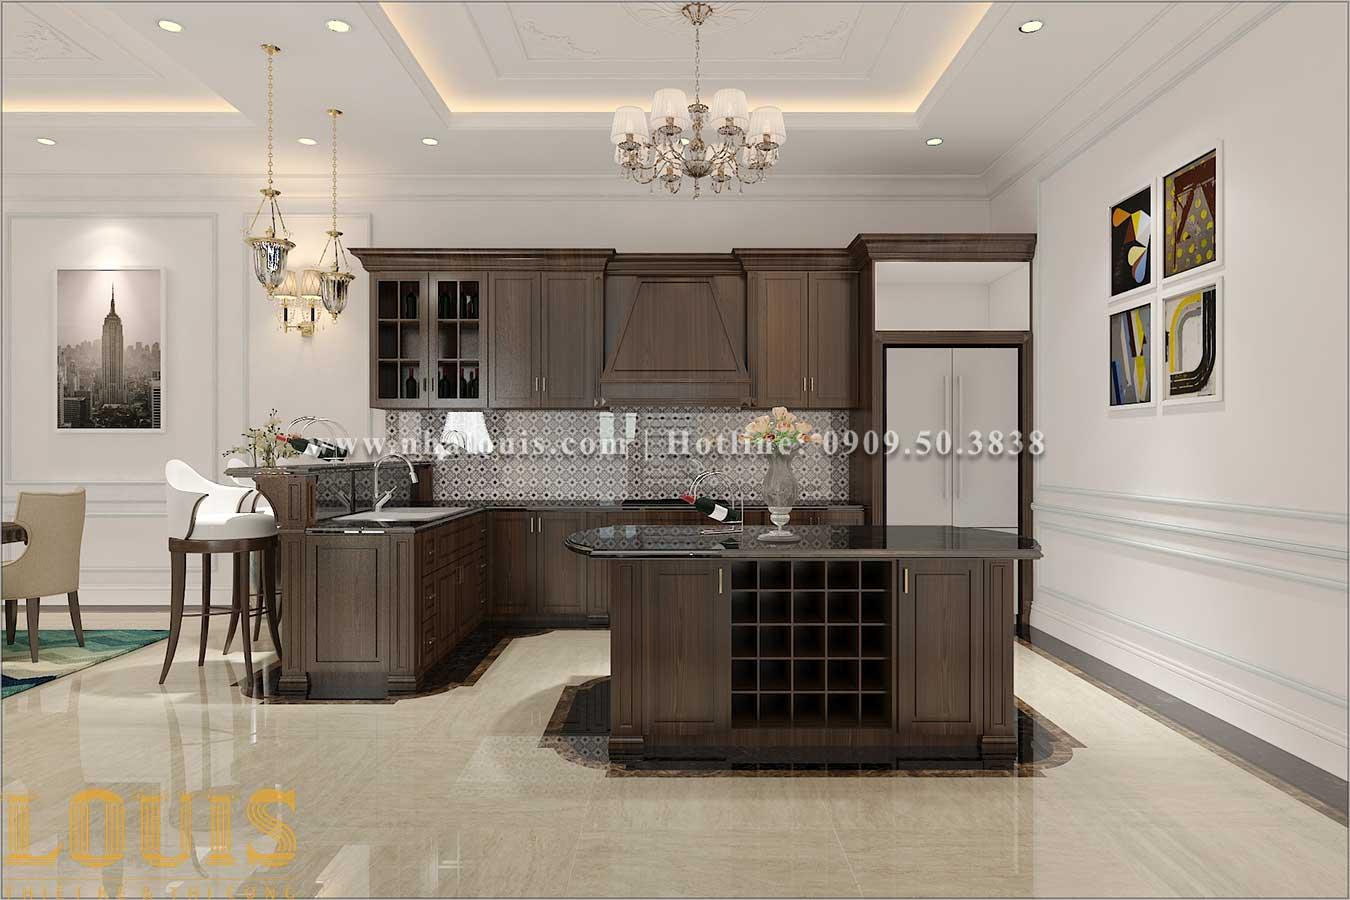 Phòng bếp Thiết kế biệt thự 3 tầng tân cổ điển đẹp lộng lẫy tại Bình Dương